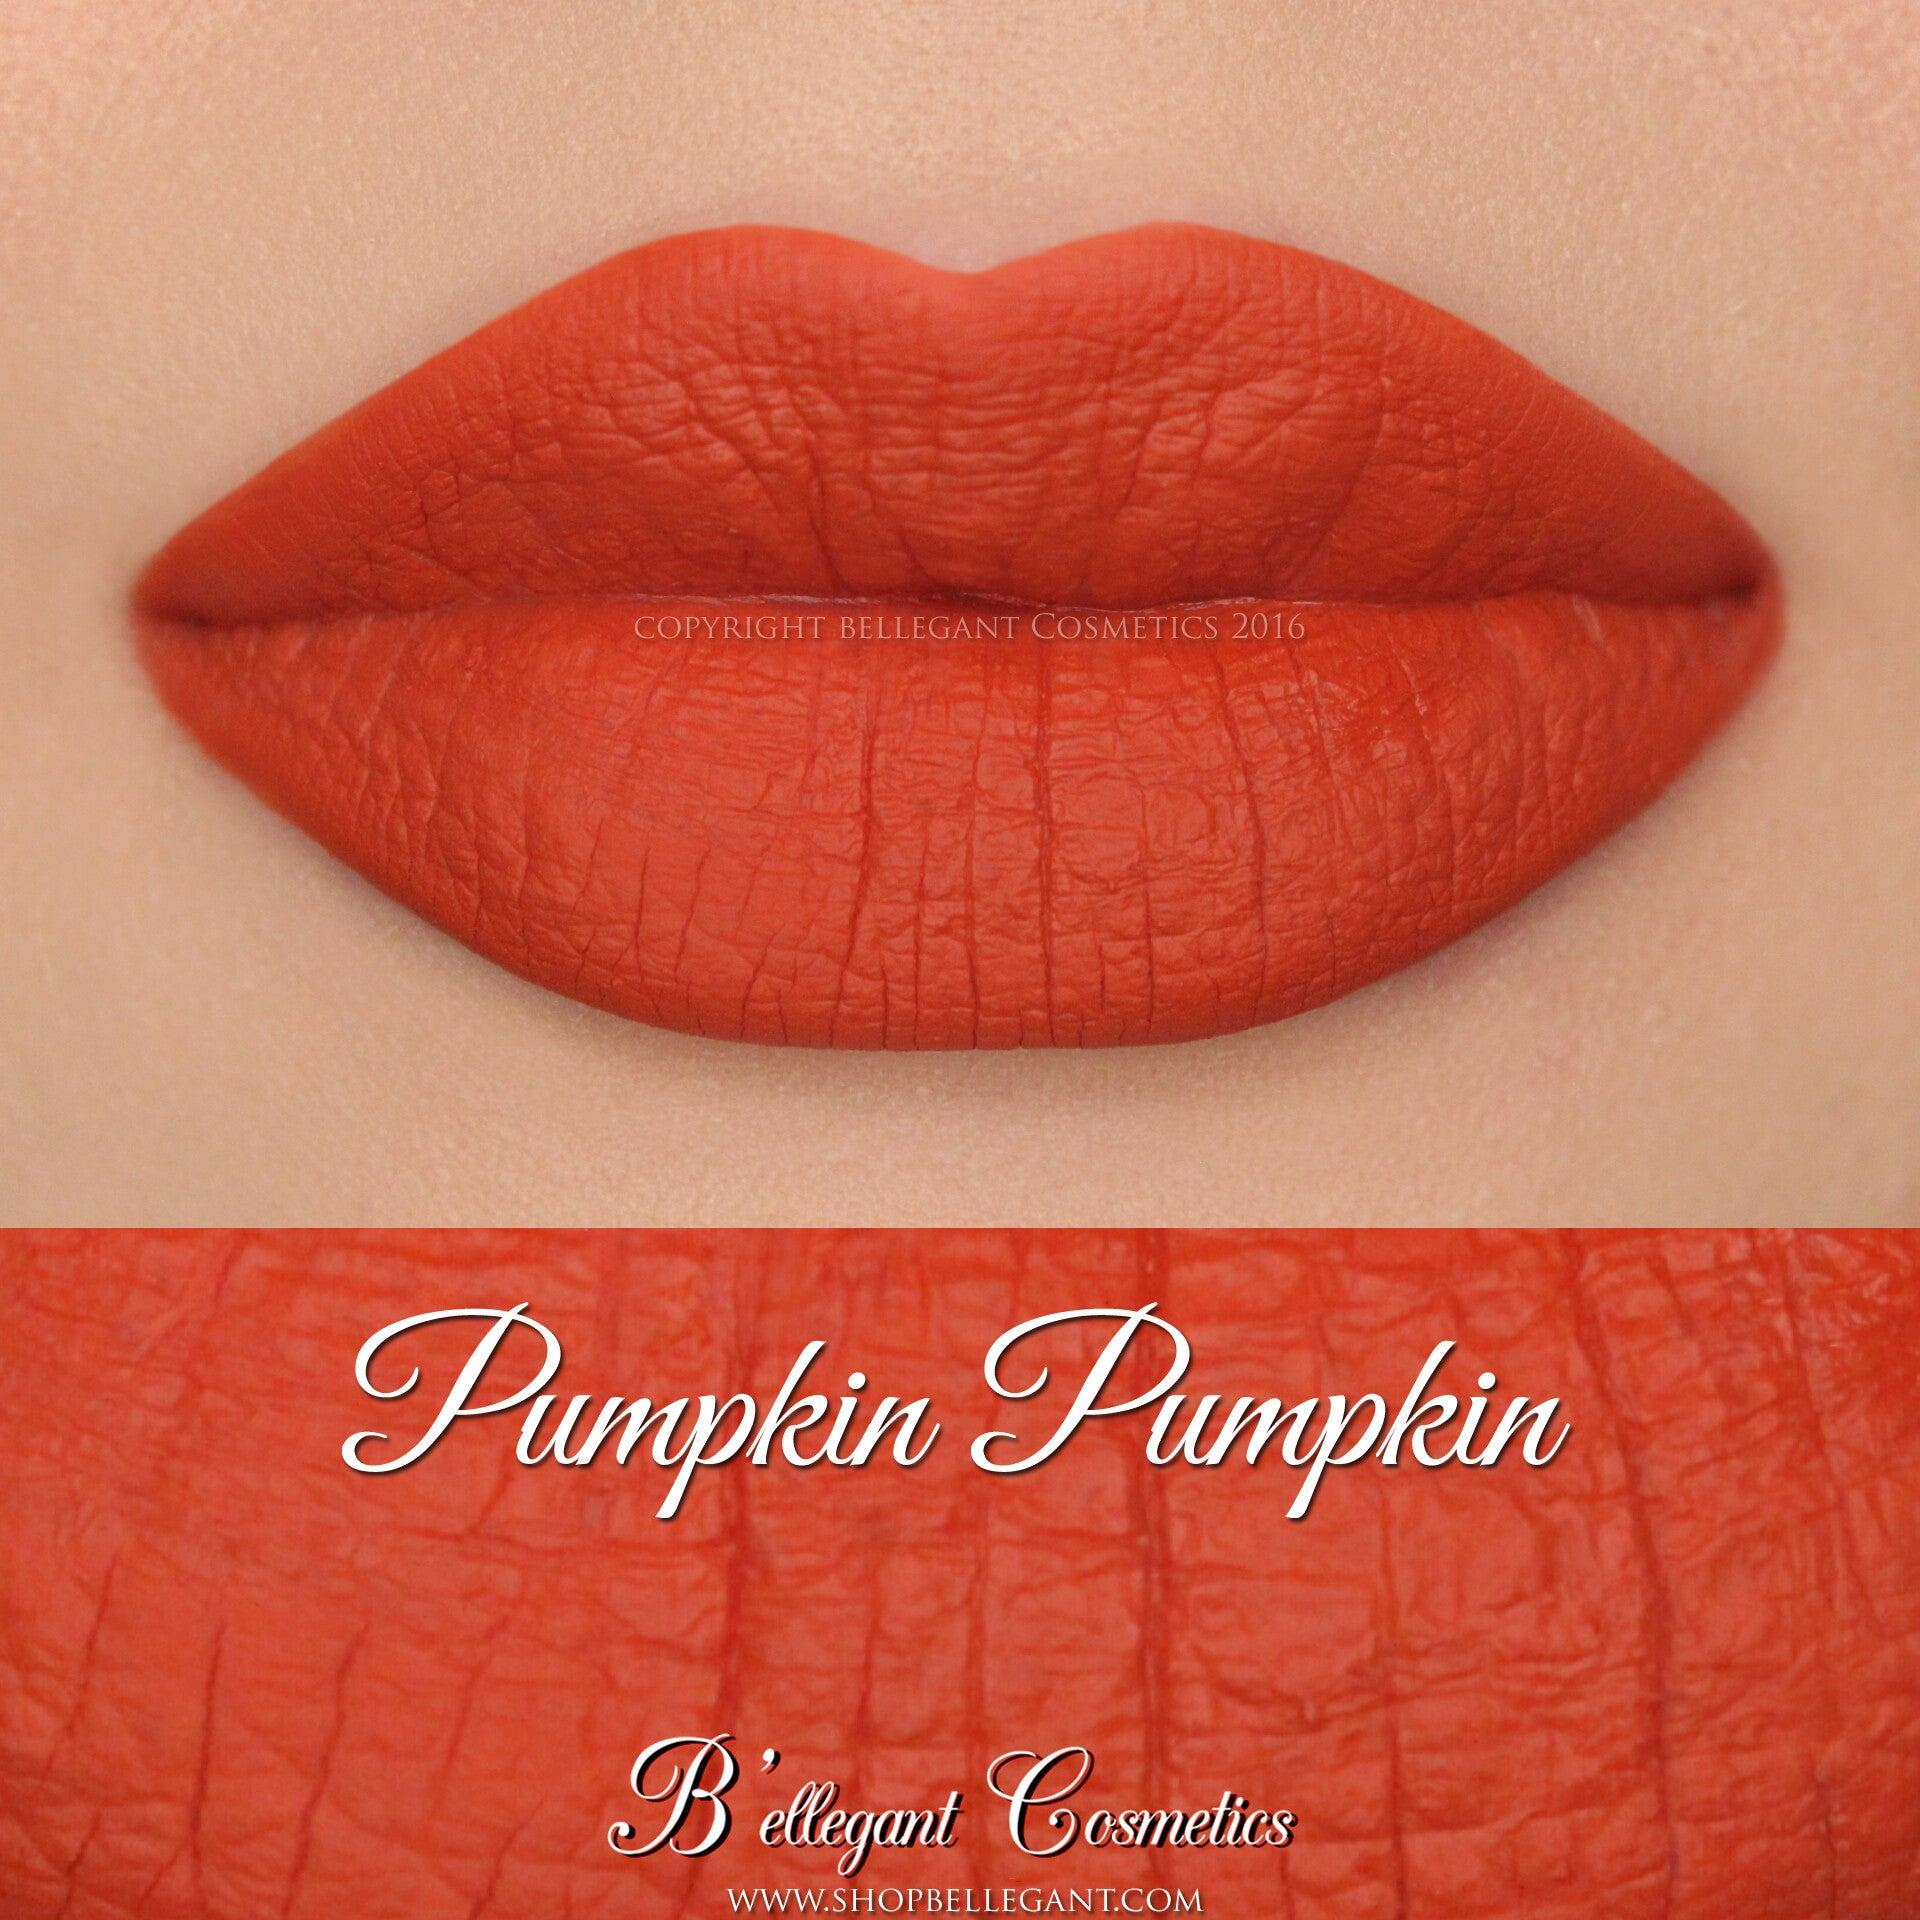 B'ellegant Cosmetics Pumpkin Pumpkin